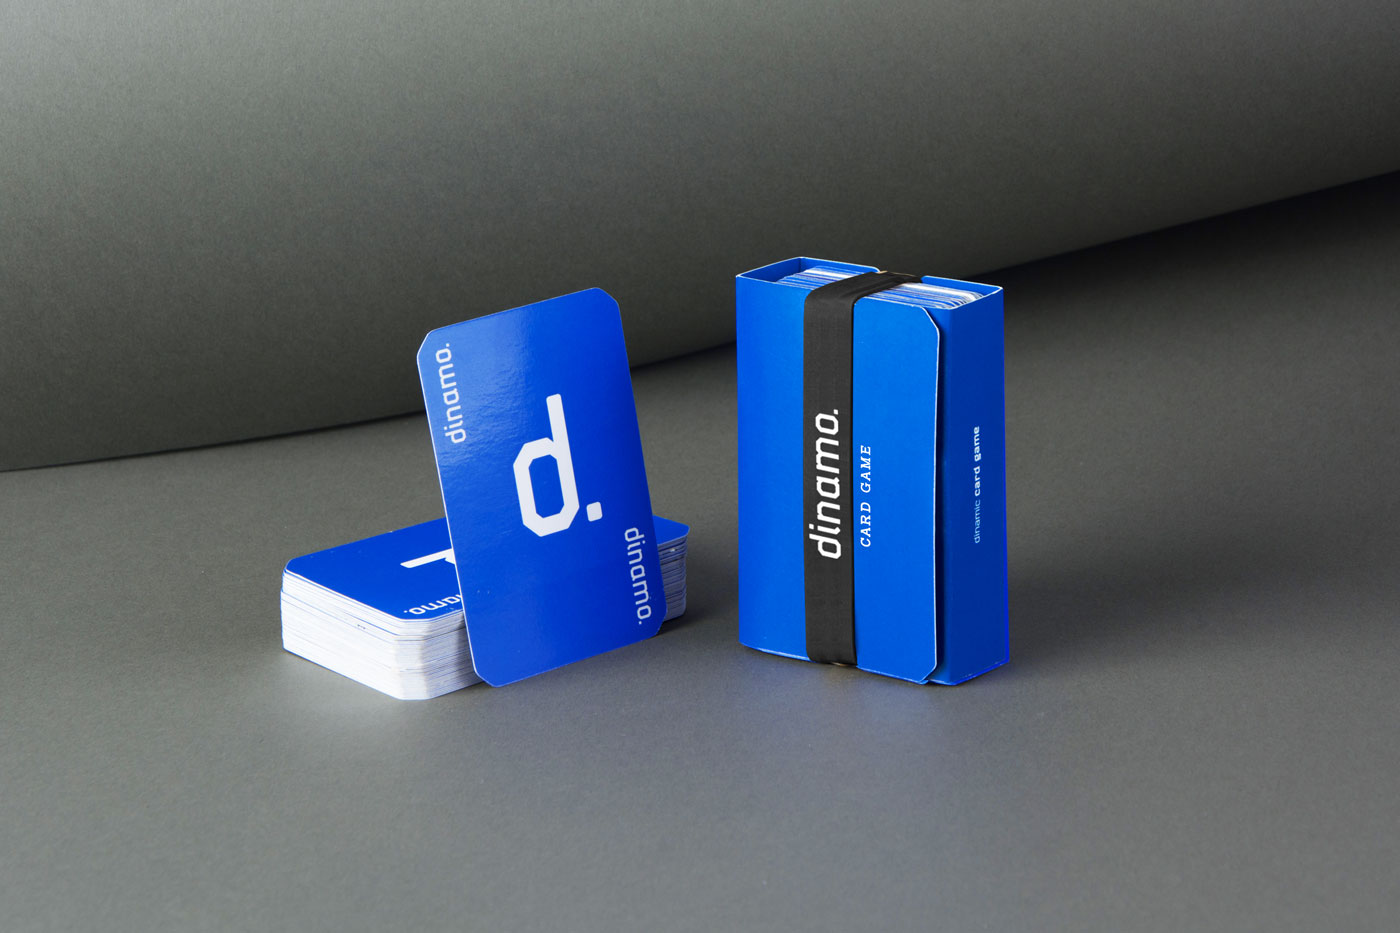 ASTE-packaging.jpg